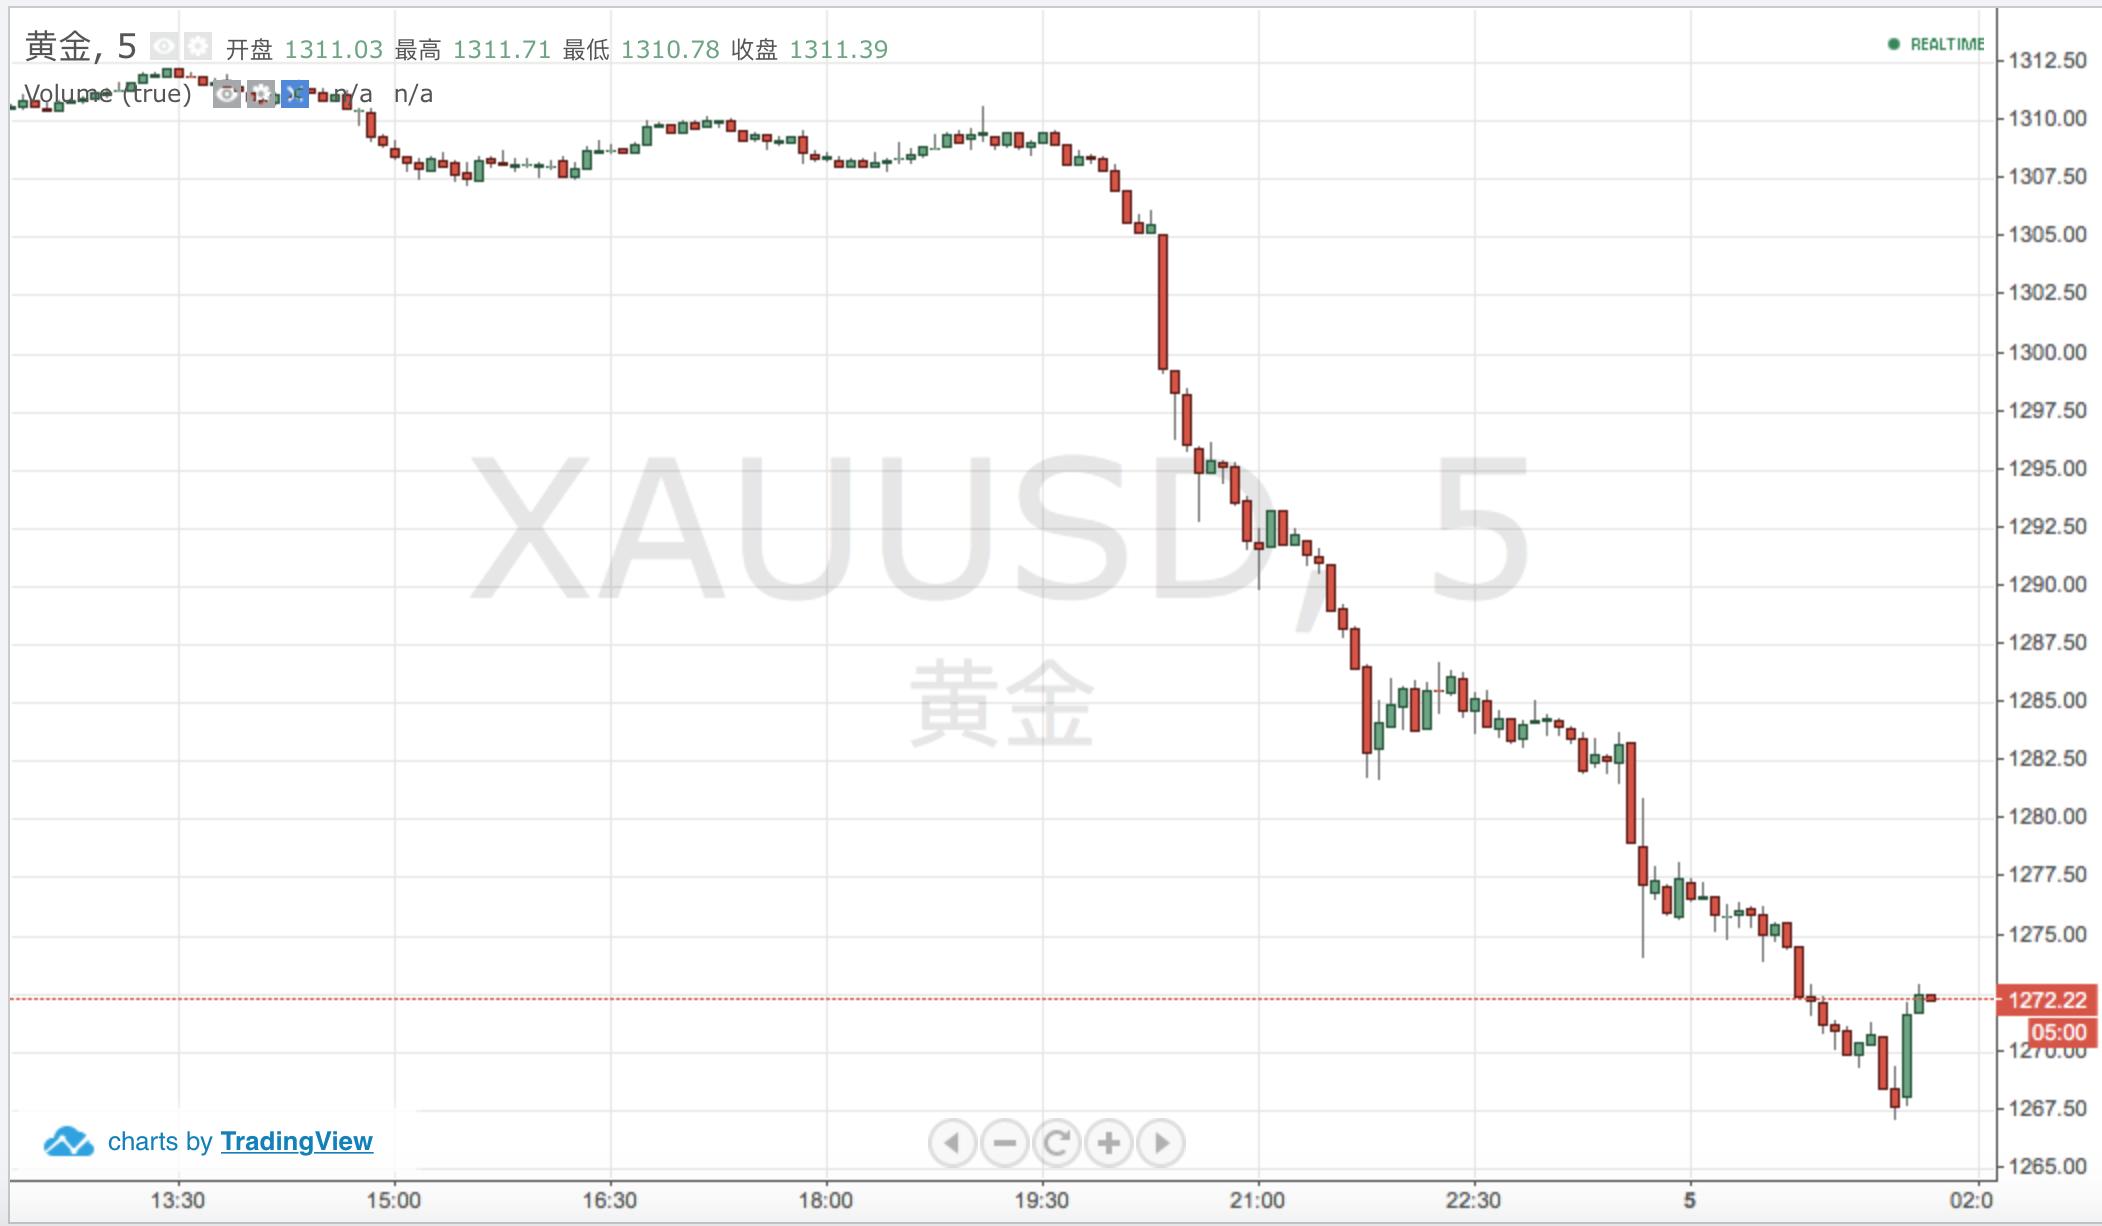 金价跌超3%失守1270整数关口 白银跌超5%